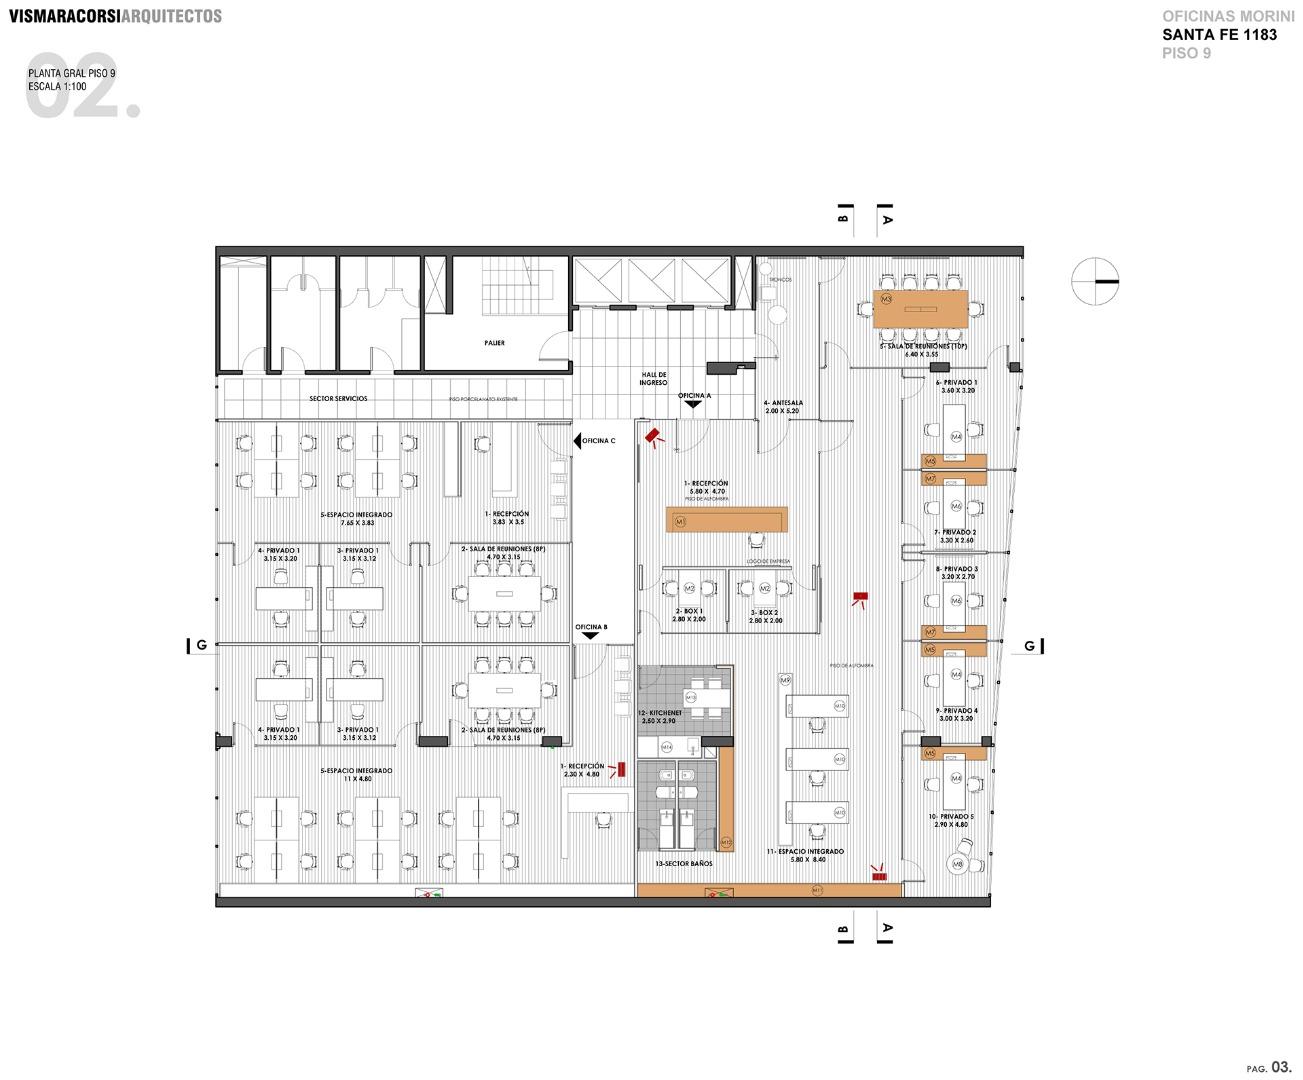 Planos Ofi Santa Fe